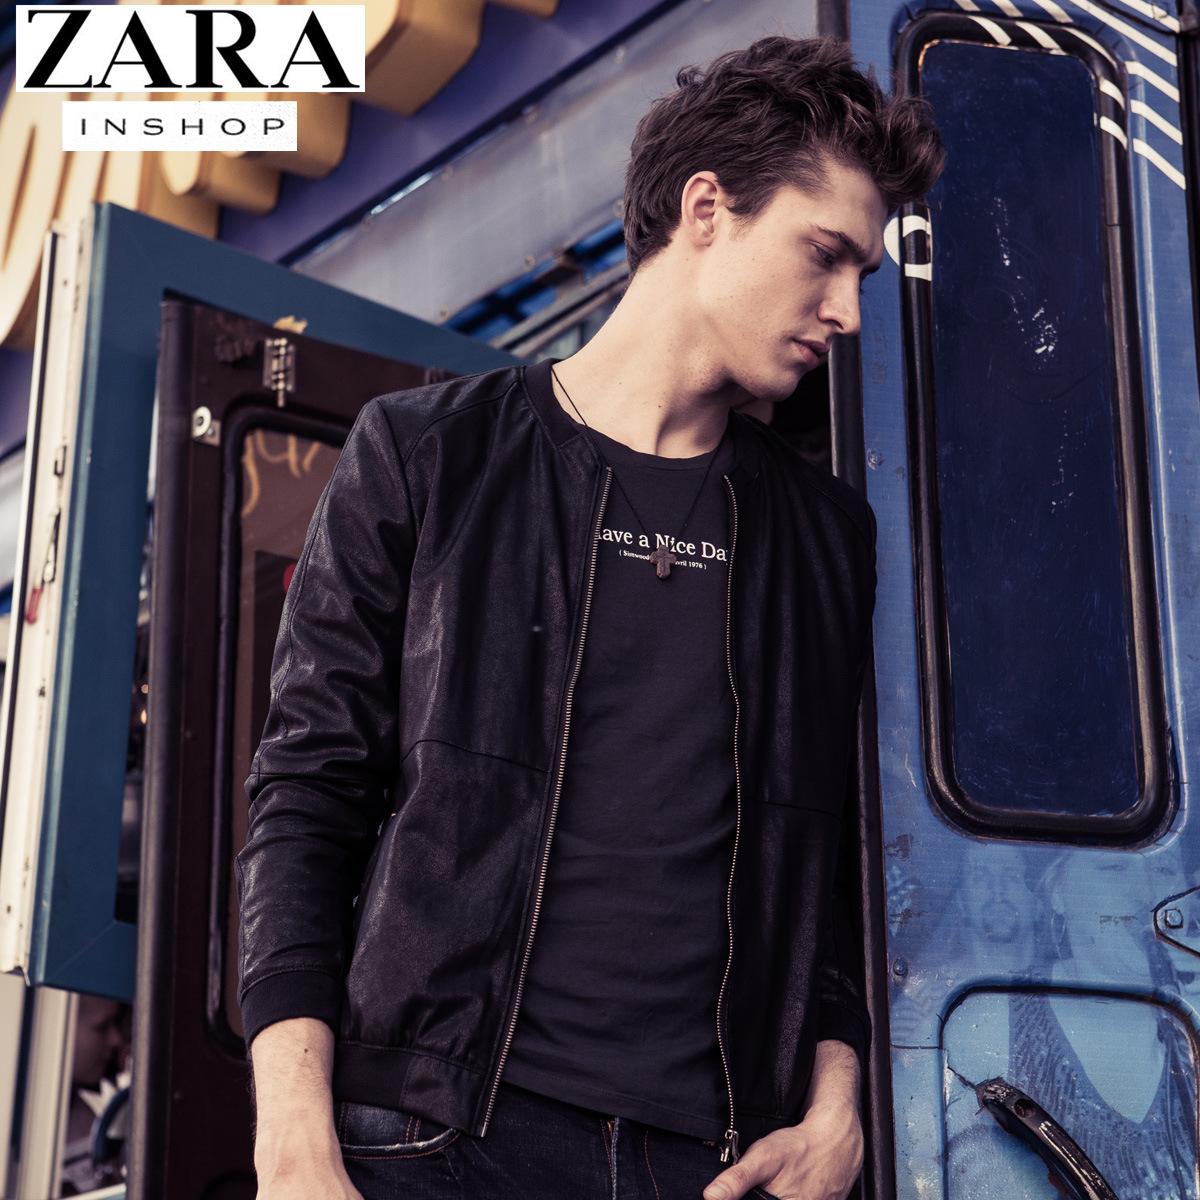 Одежда из кожи ZARA py703 2015